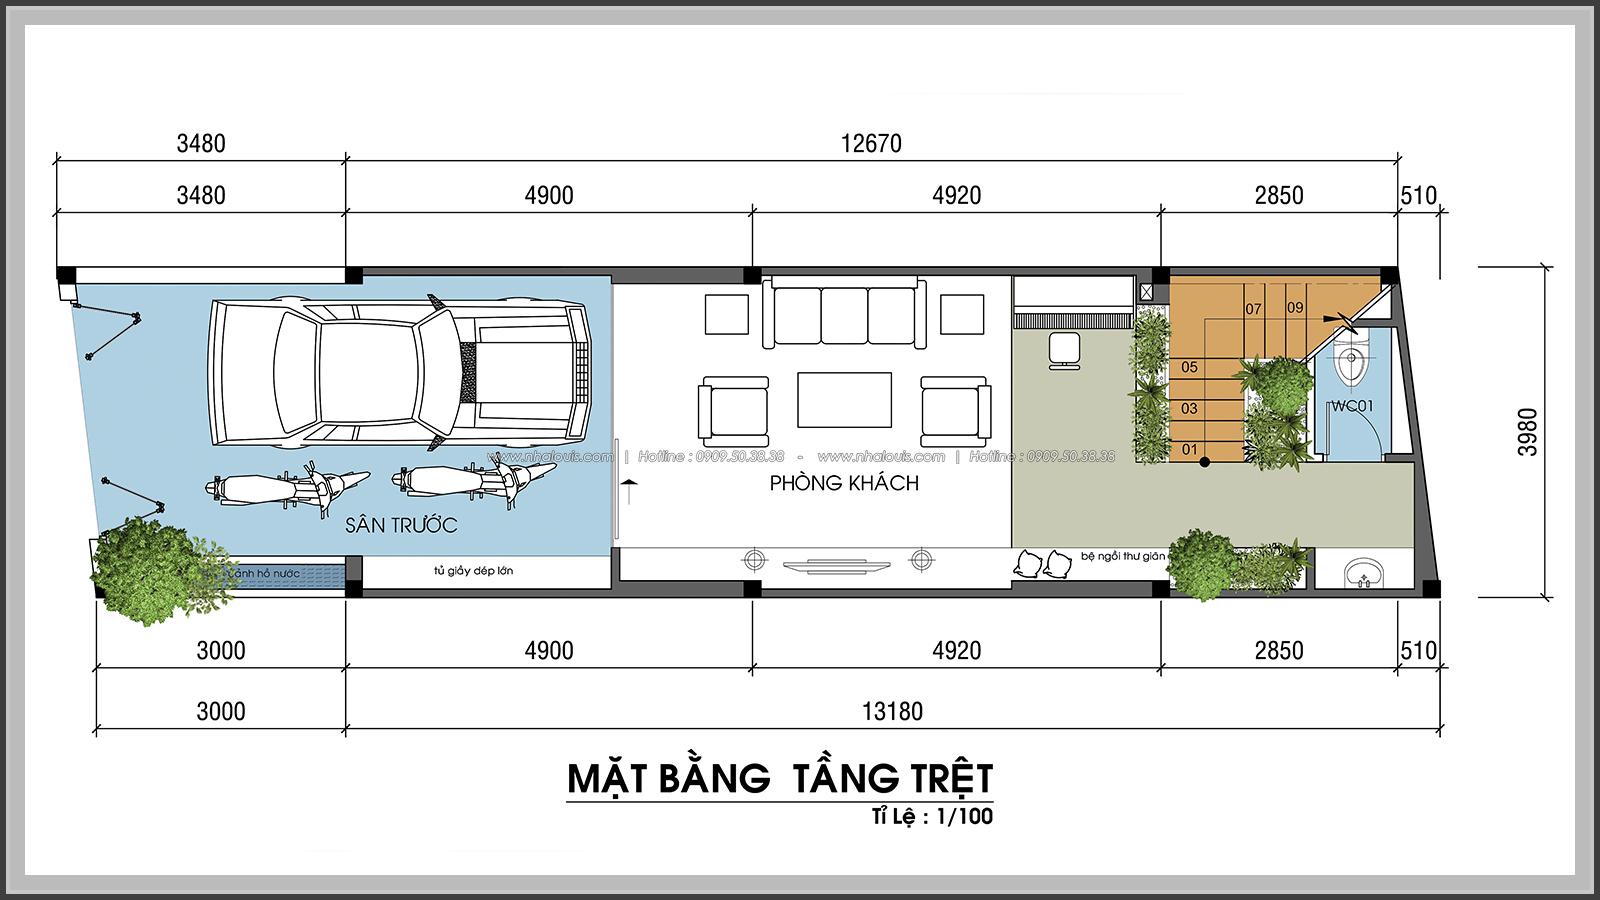 Thiết kế nhà phố hiện đại 4m x 13m tại Quận 7 với mảng xanh tươi mát - 04